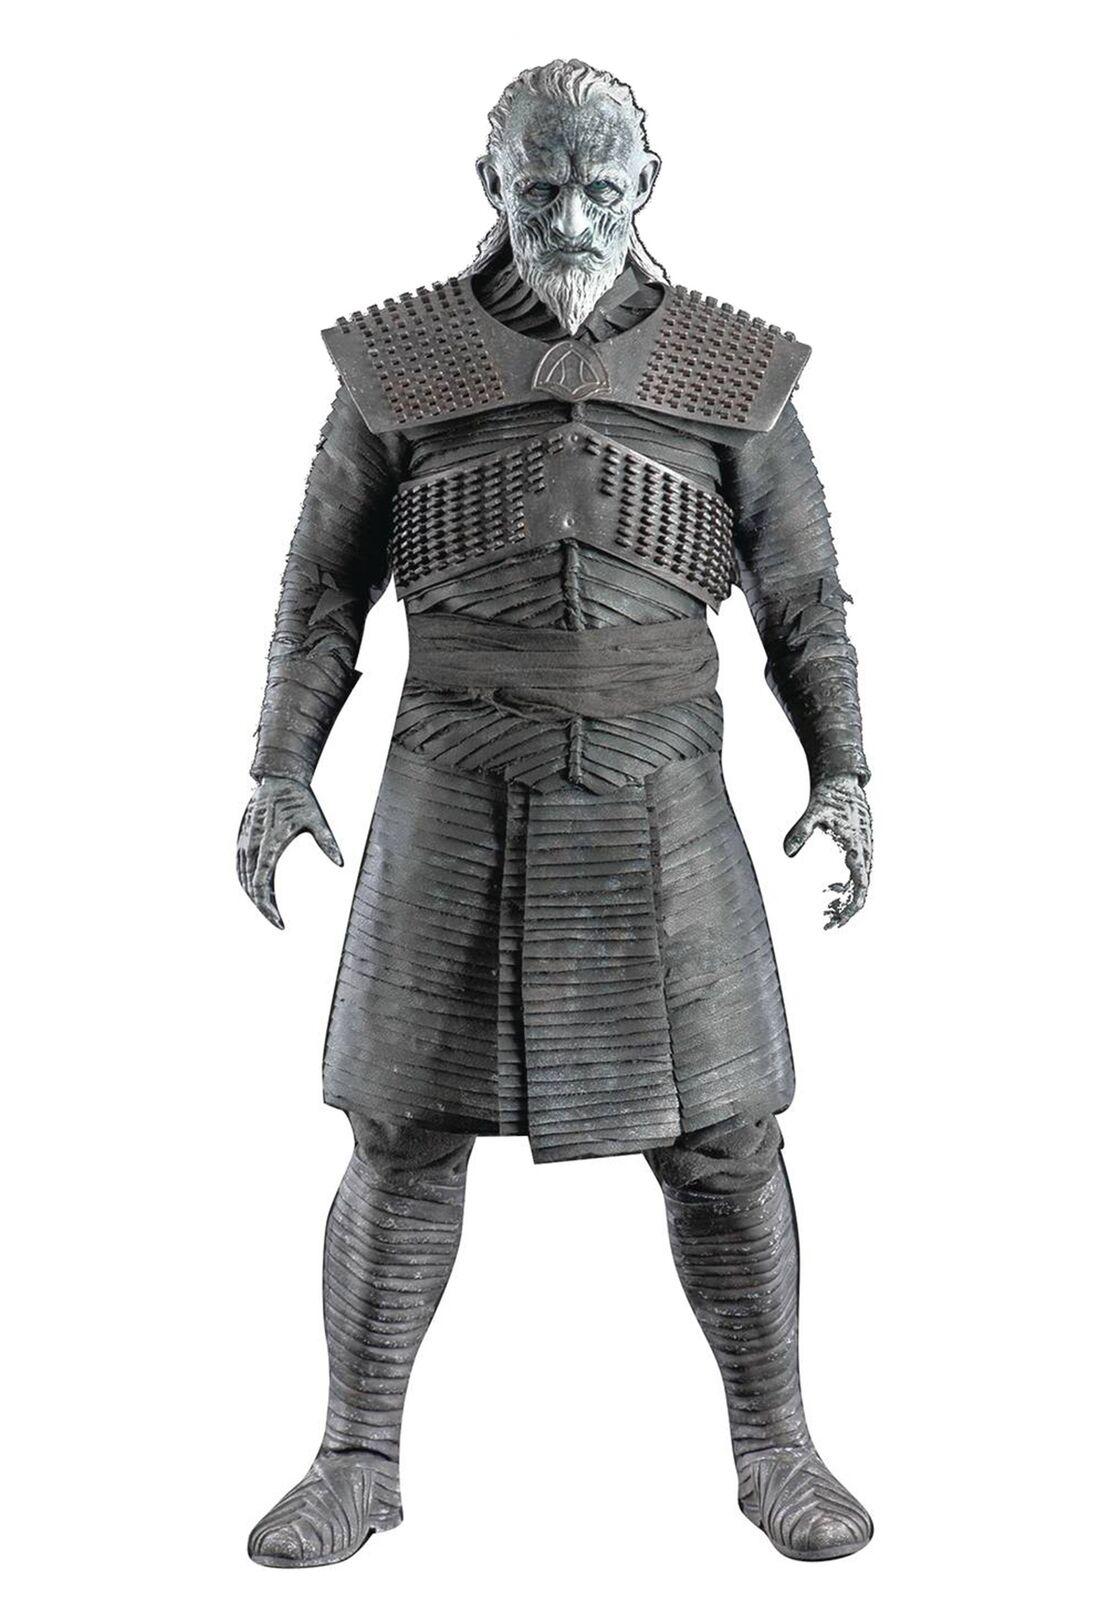 gioco of Thrones bianca Walker Walker Walker 1 6 Scale cifra dce33a